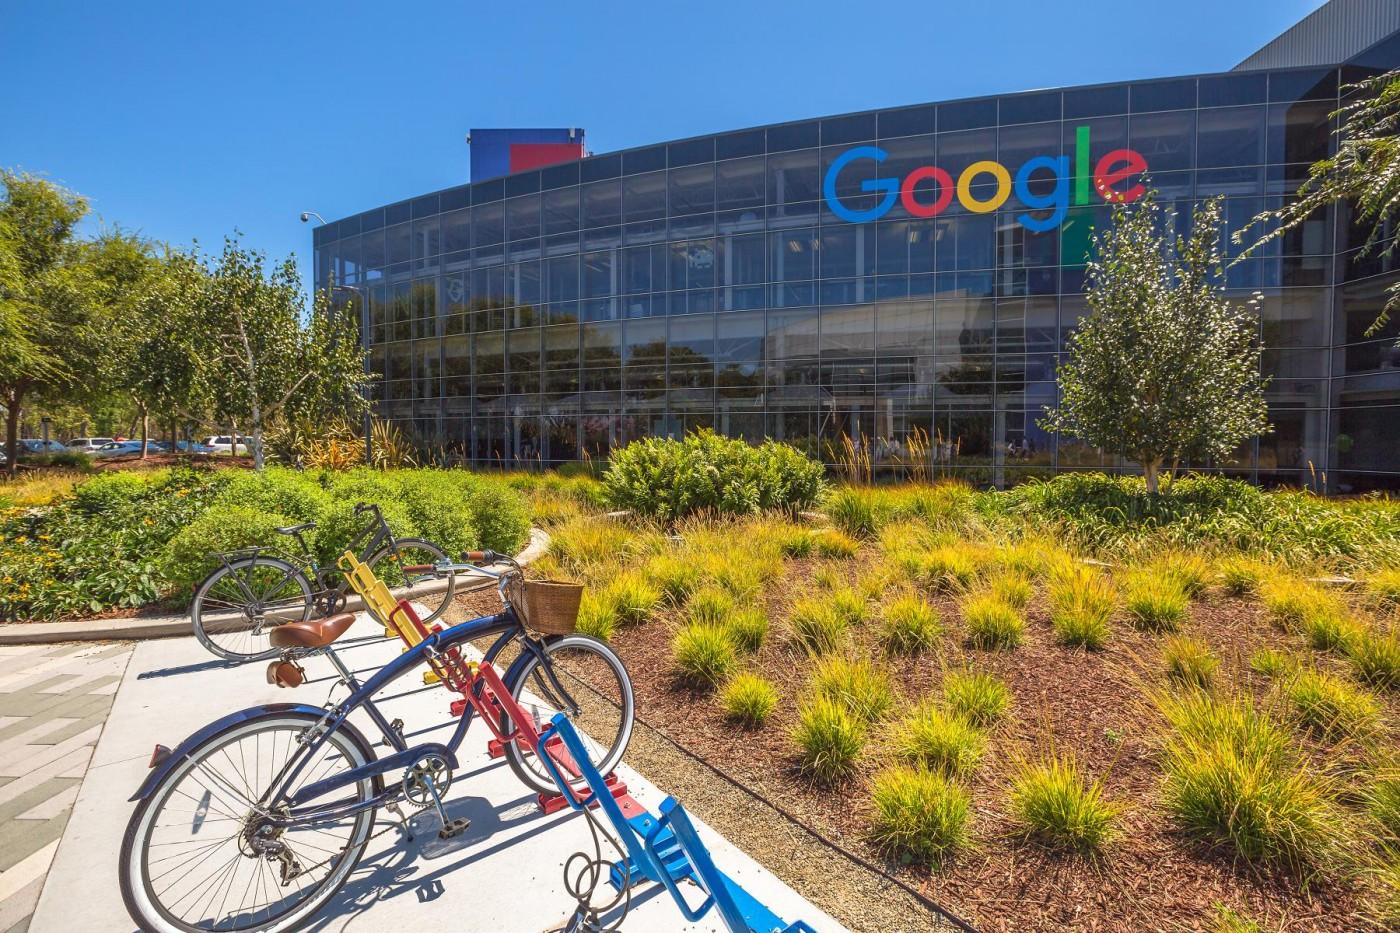 Google向電商領域更進一步!要在圖片搜尋介面增加商品訊息與購買連結